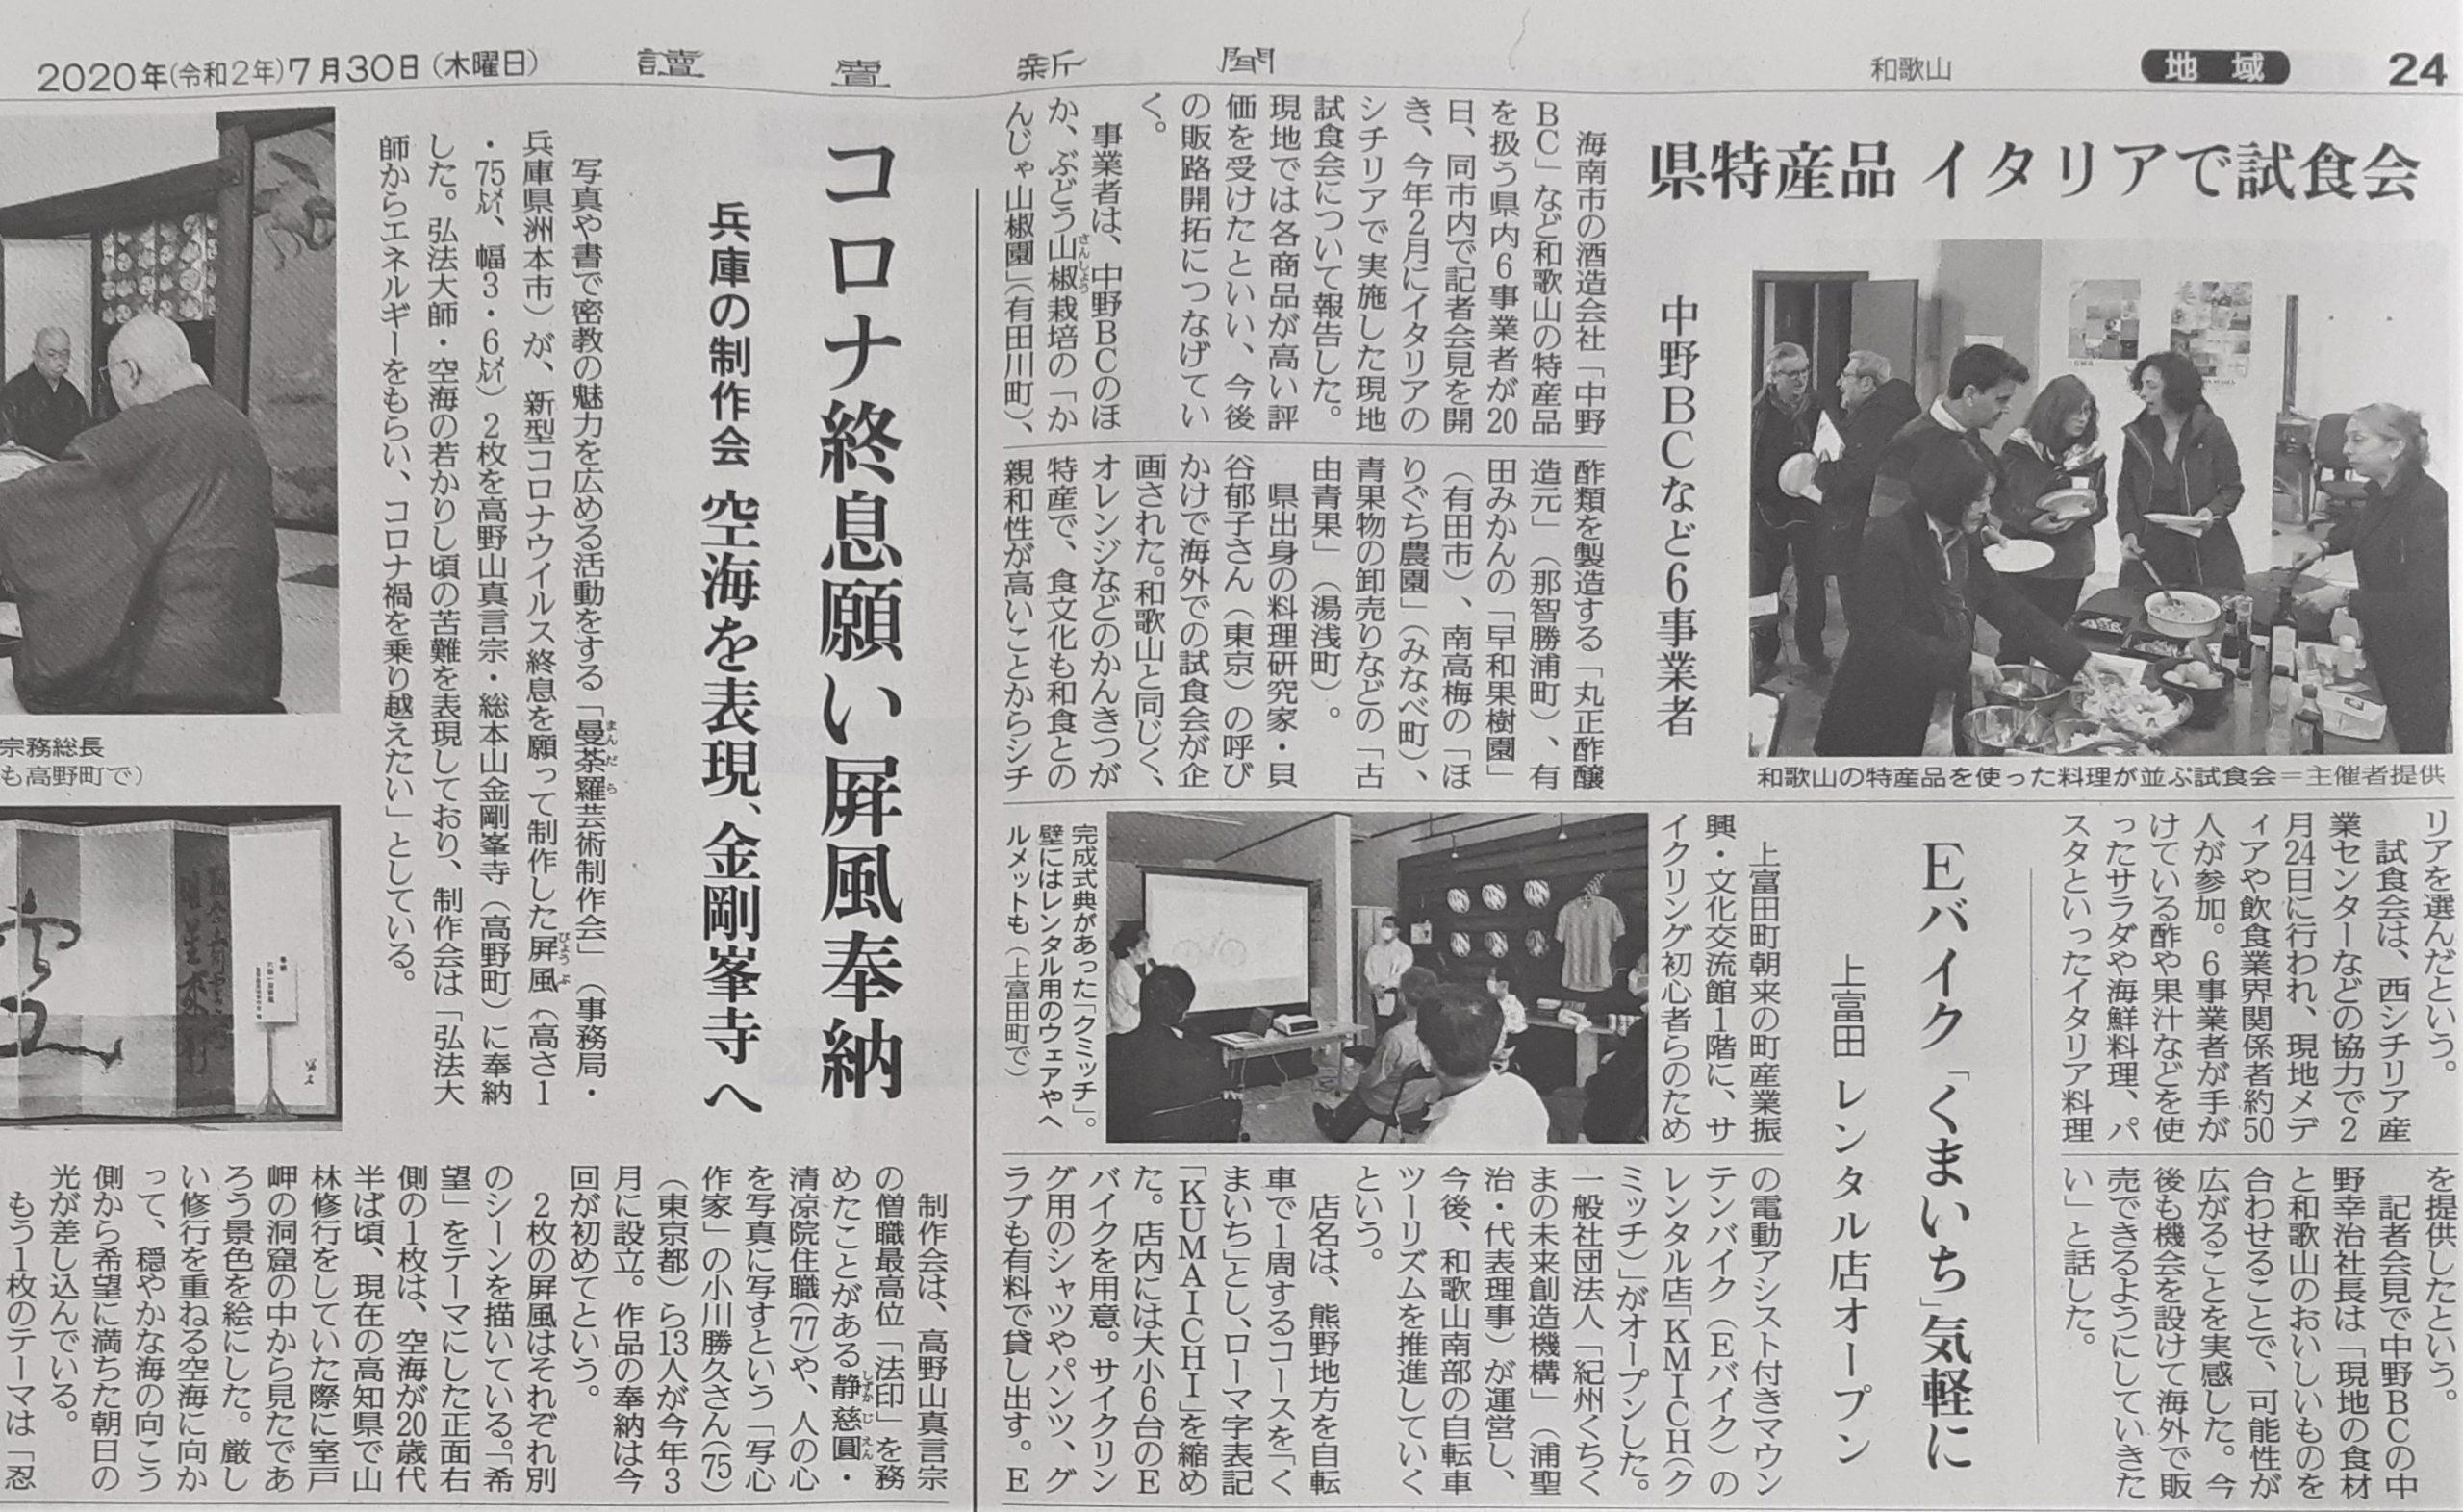 読売新聞 p.24(2020年7月30日発行)